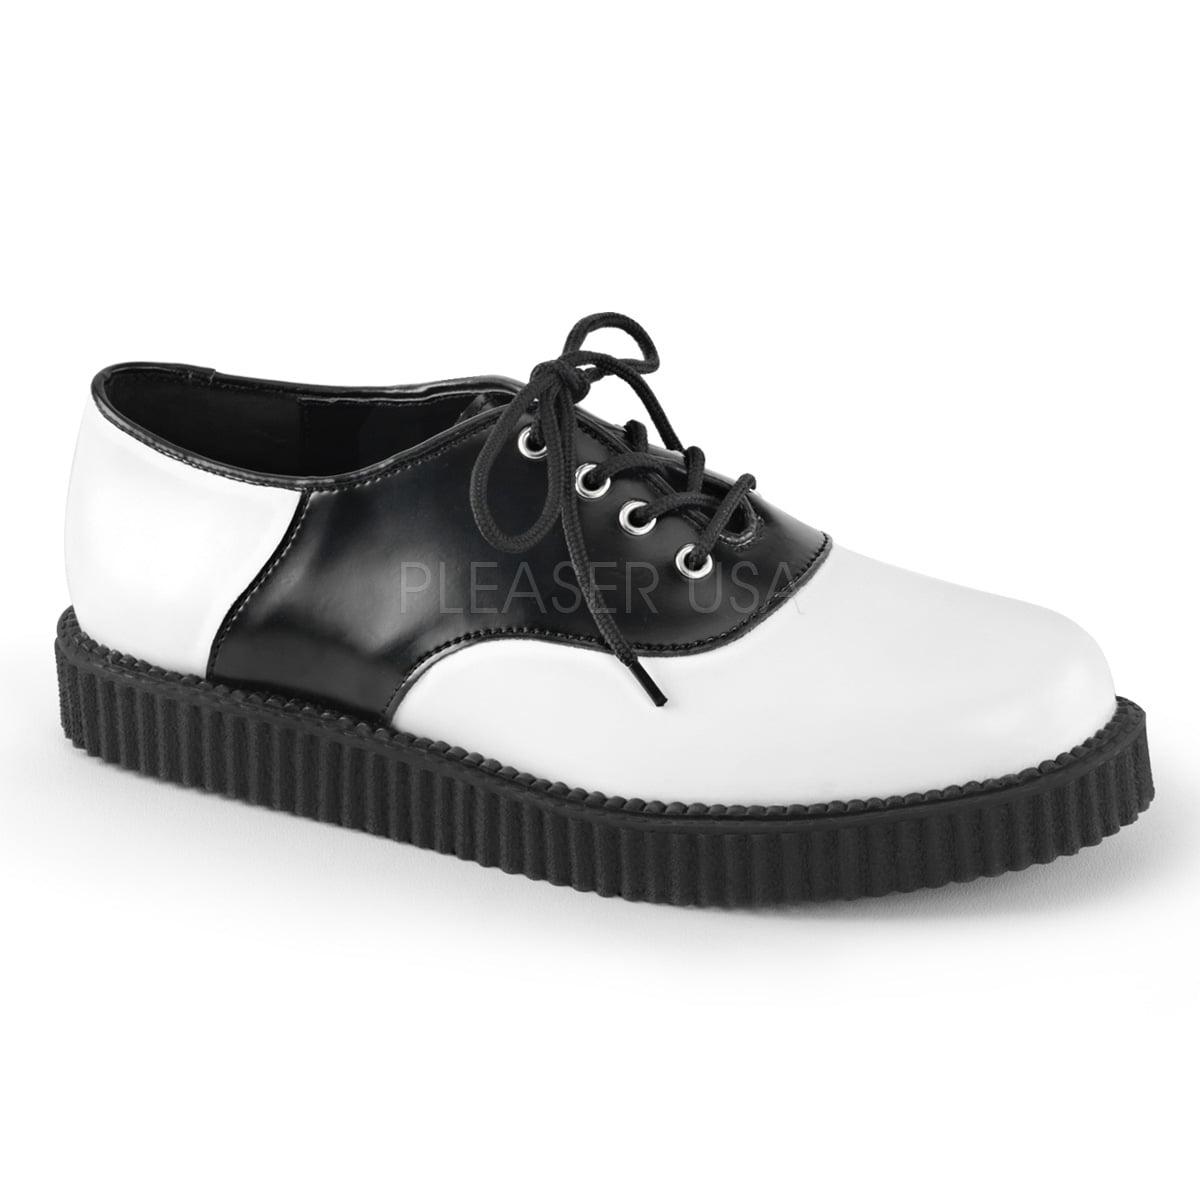 Demonia Creeper 606 Saddle Creeper Economical, stylish, and eye-catching shoes